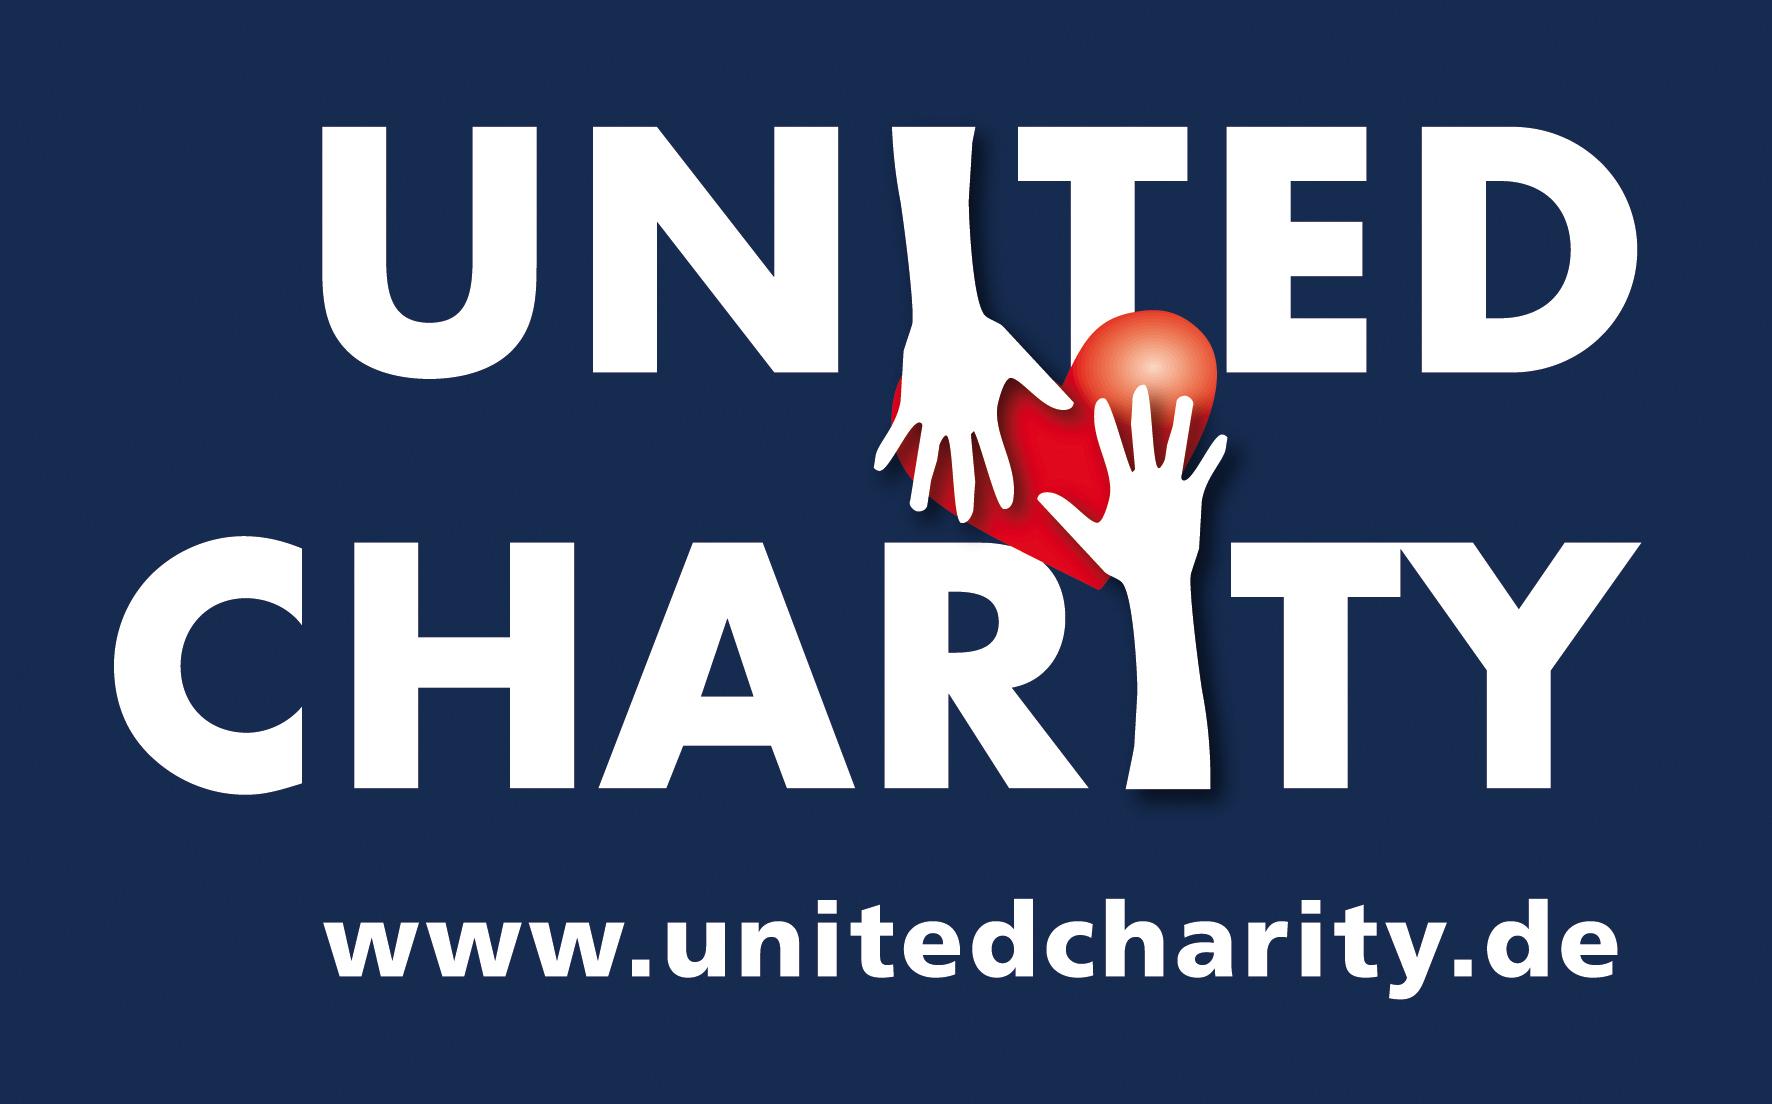 United Charity - www.unitedcharity.de